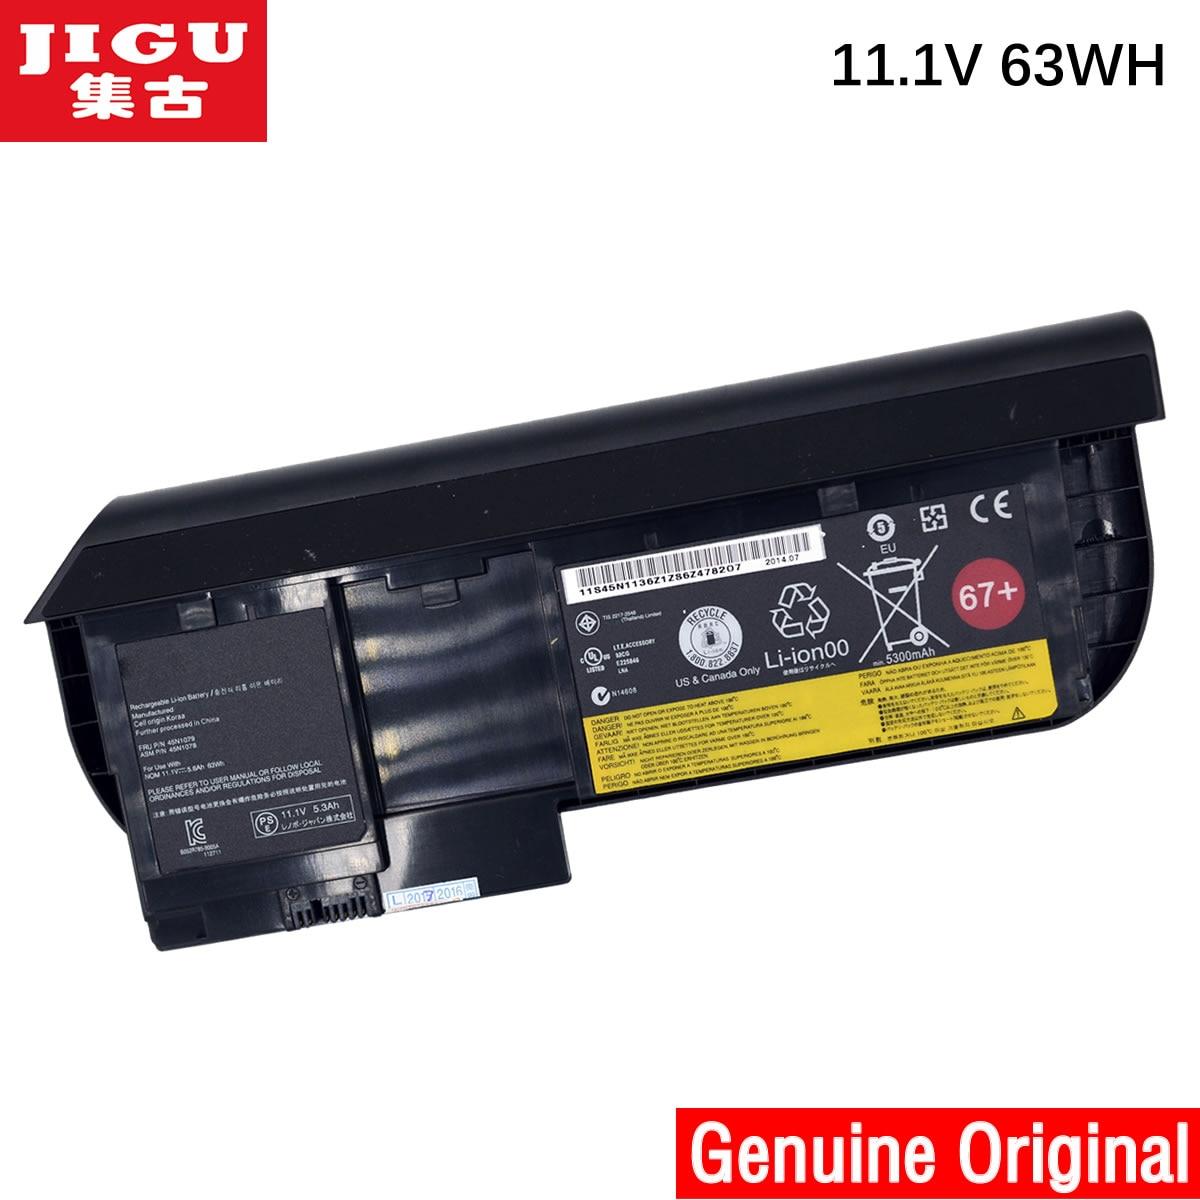 JIGU Laptop Battery 0A36316 0A36317 45N1076 45N1077 ASM 45N1074 45N1078 FRU 45N1075 FRU 45N1079 FOR LENOVO ThinkPad X230t X230tJIGU Laptop Battery 0A36316 0A36317 45N1076 45N1077 ASM 45N1074 45N1078 FRU 45N1075 FRU 45N1079 FOR LENOVO ThinkPad X230t X230t